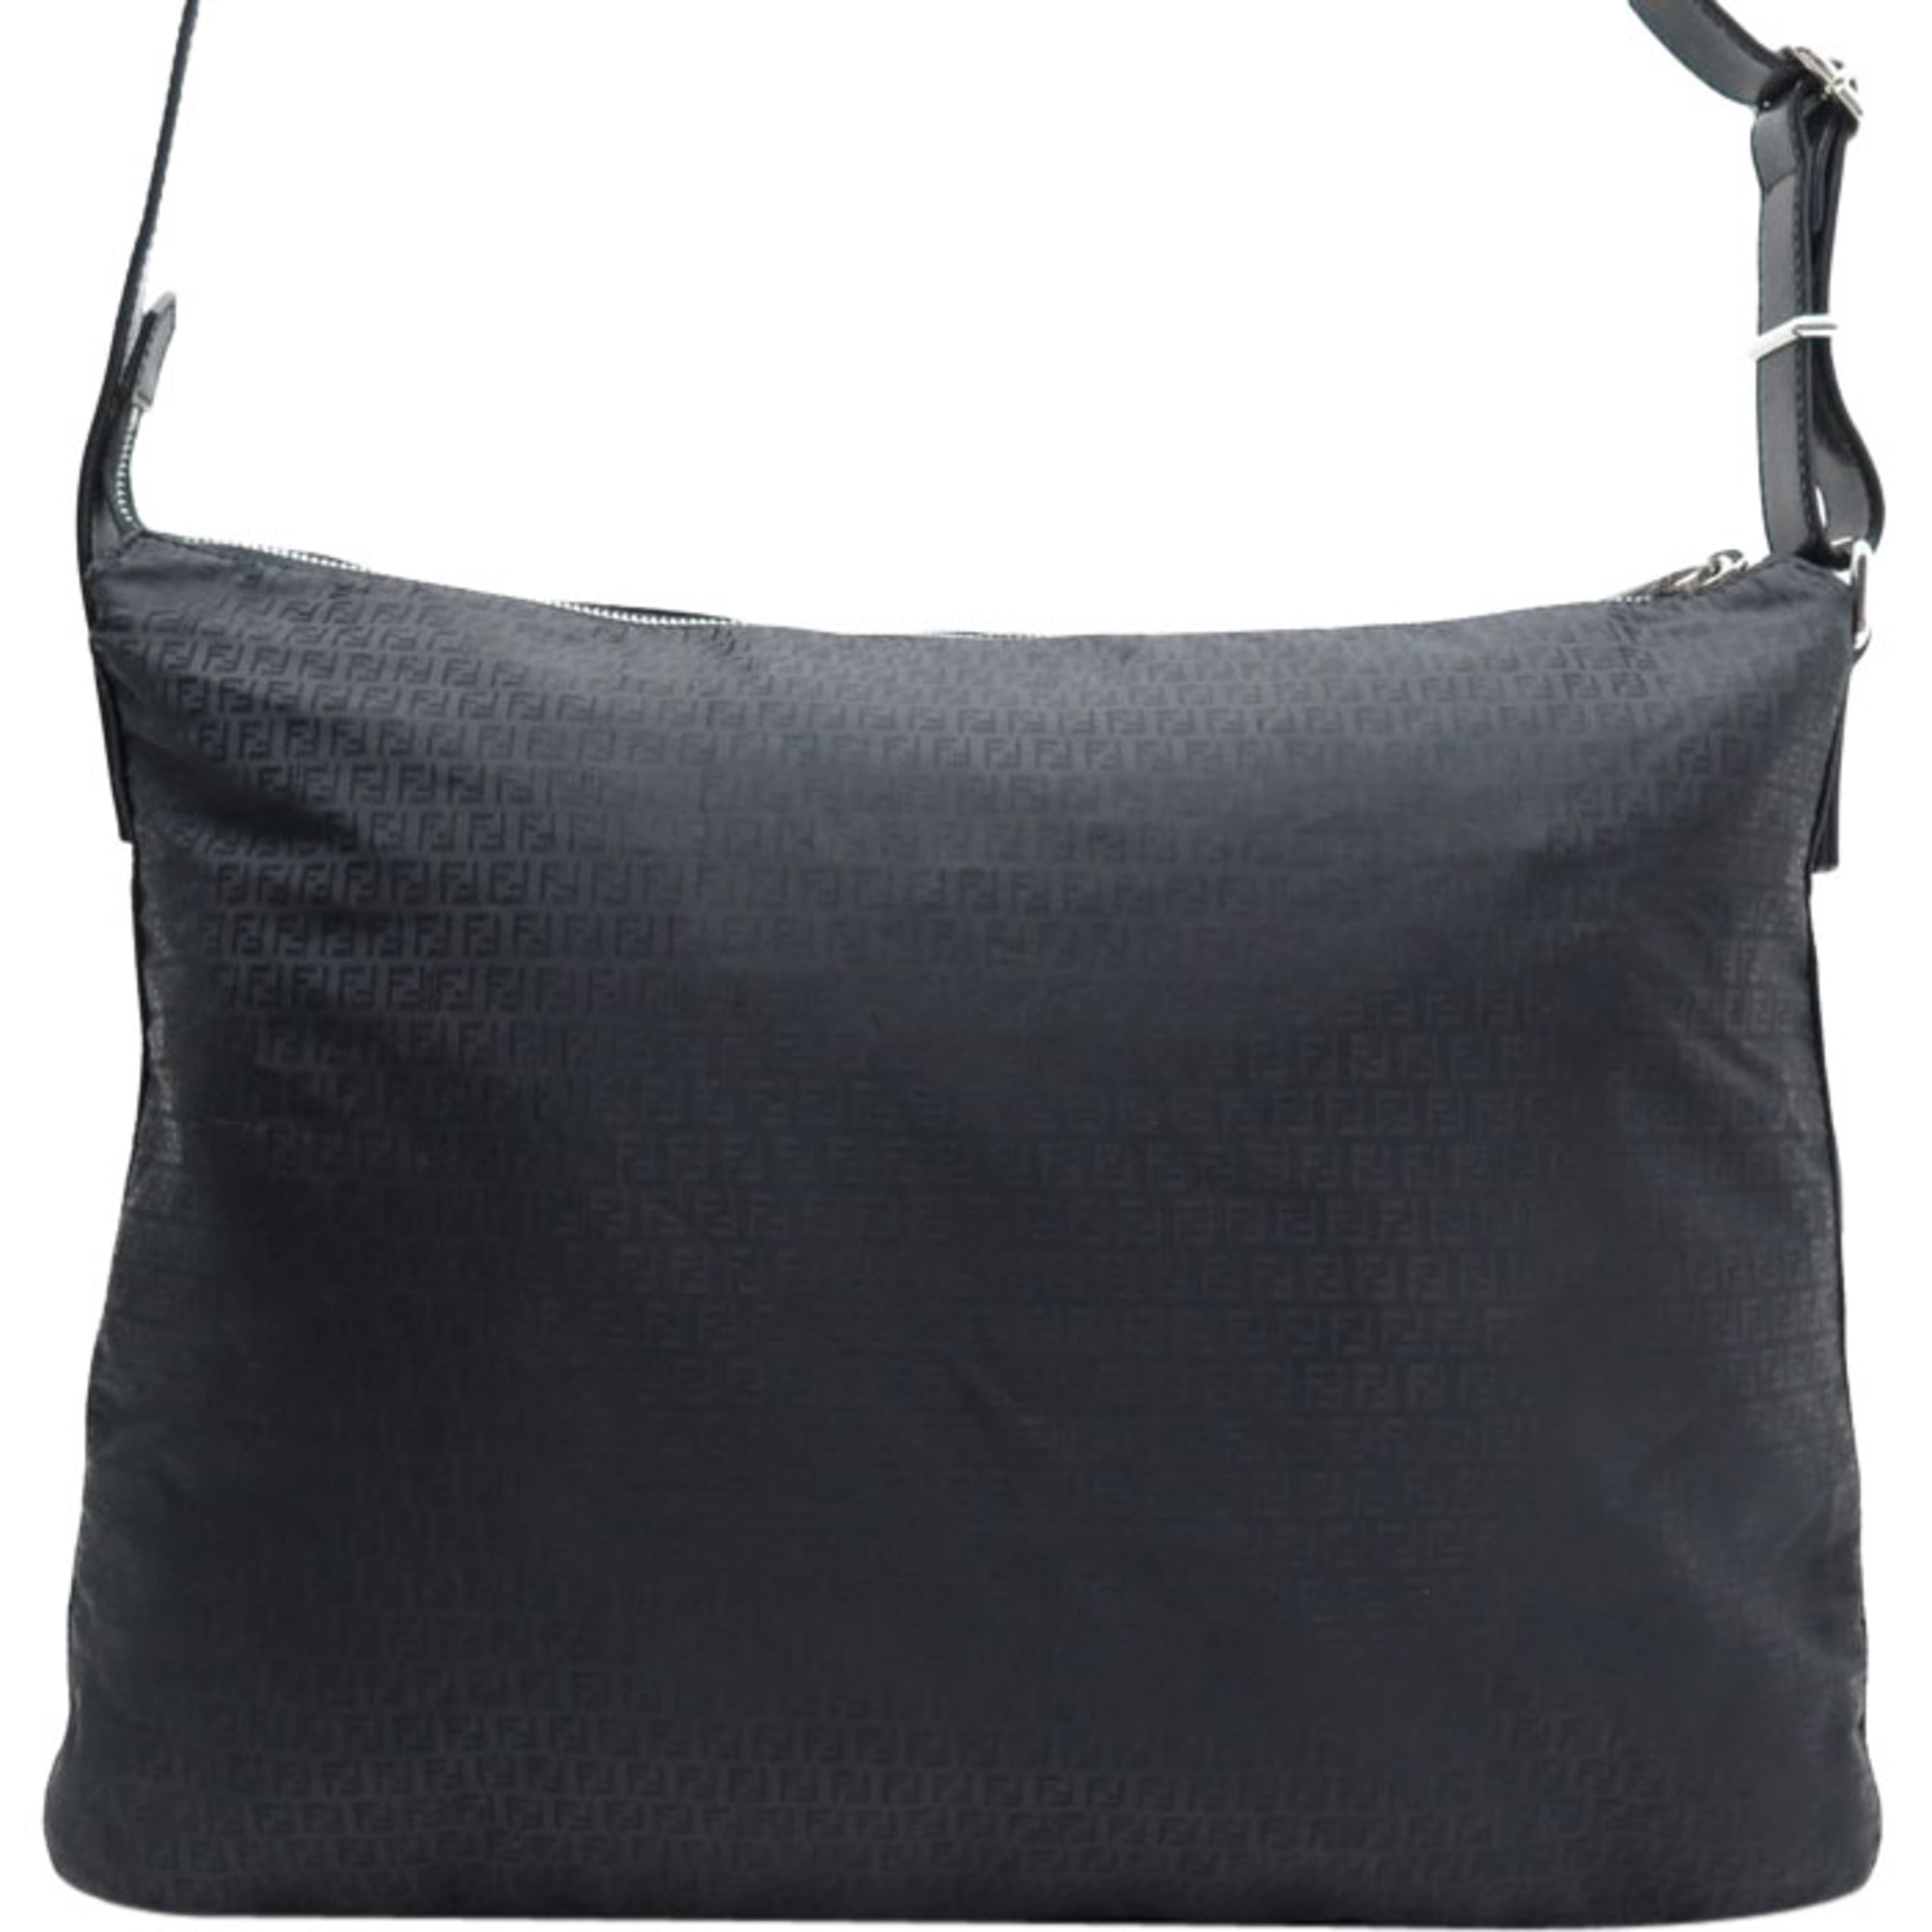 Non-Leather Shoulder Bag FENDI Black